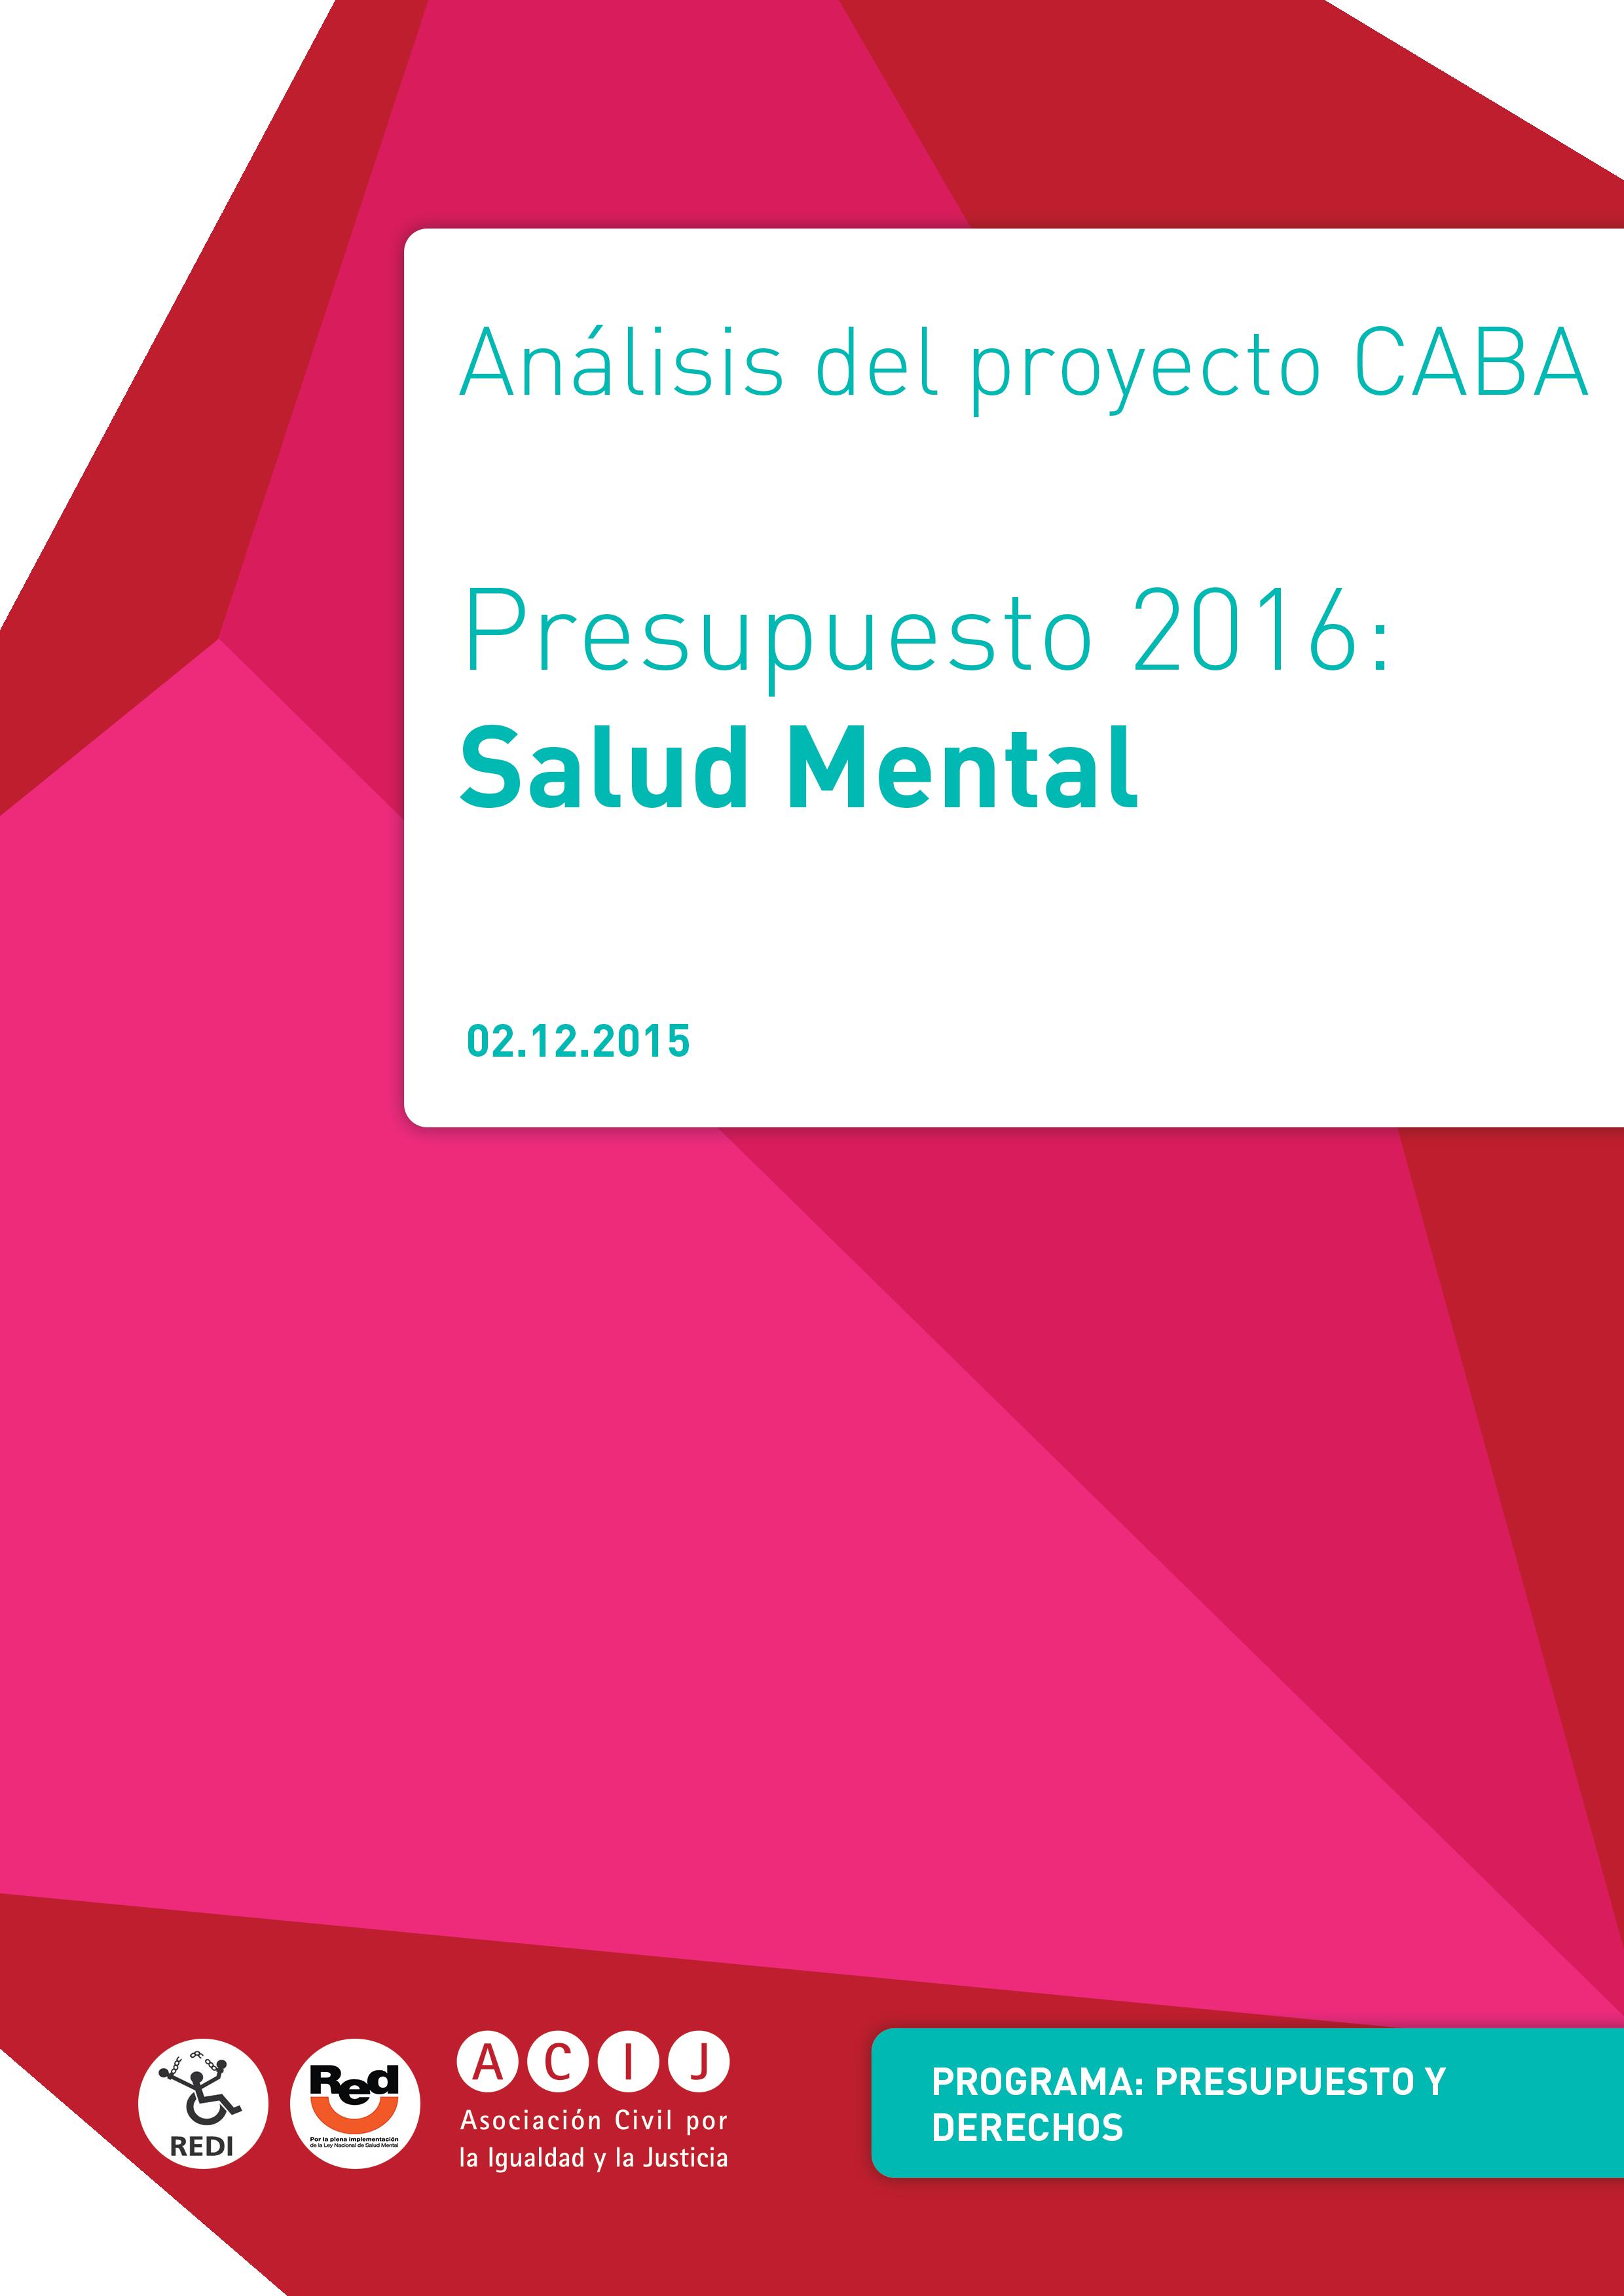 Tapa-informe-presupuesto-Salud-Mental-CABA-2016_02-(1)